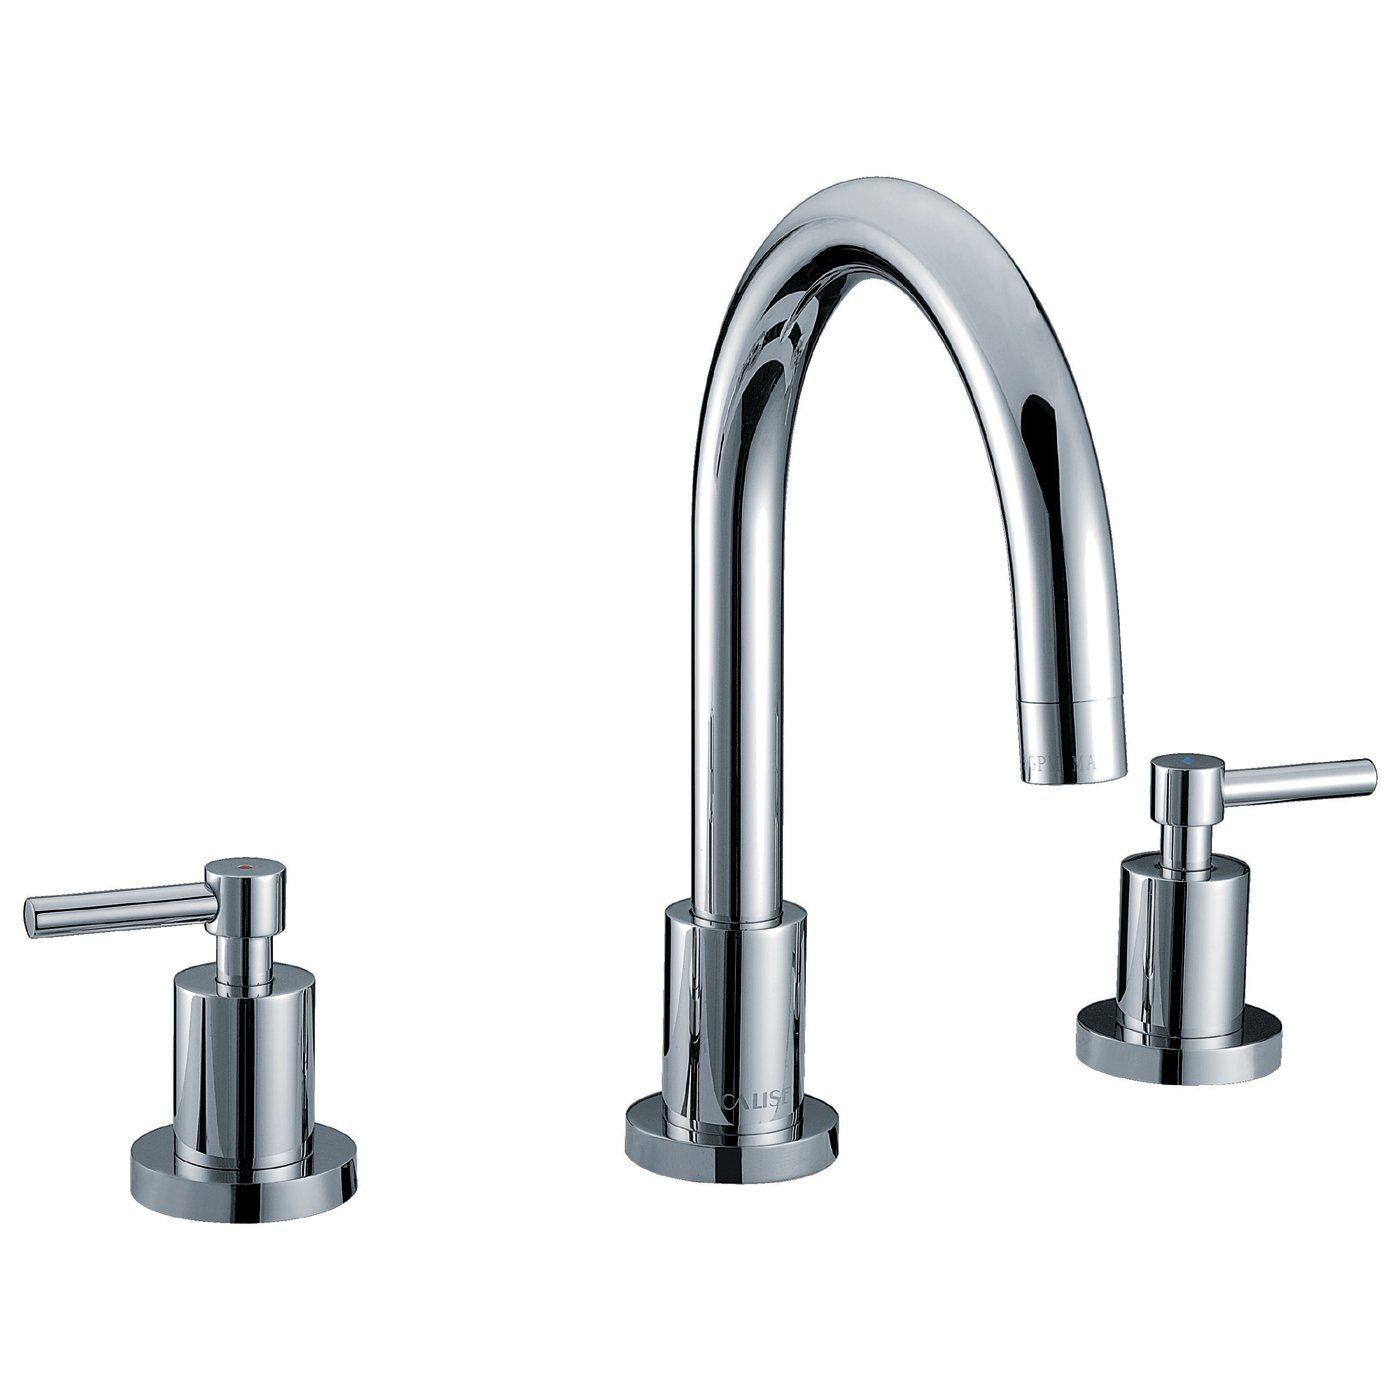 Calise Faucet Lavatory Faucet Master Bath Remodel Faucet